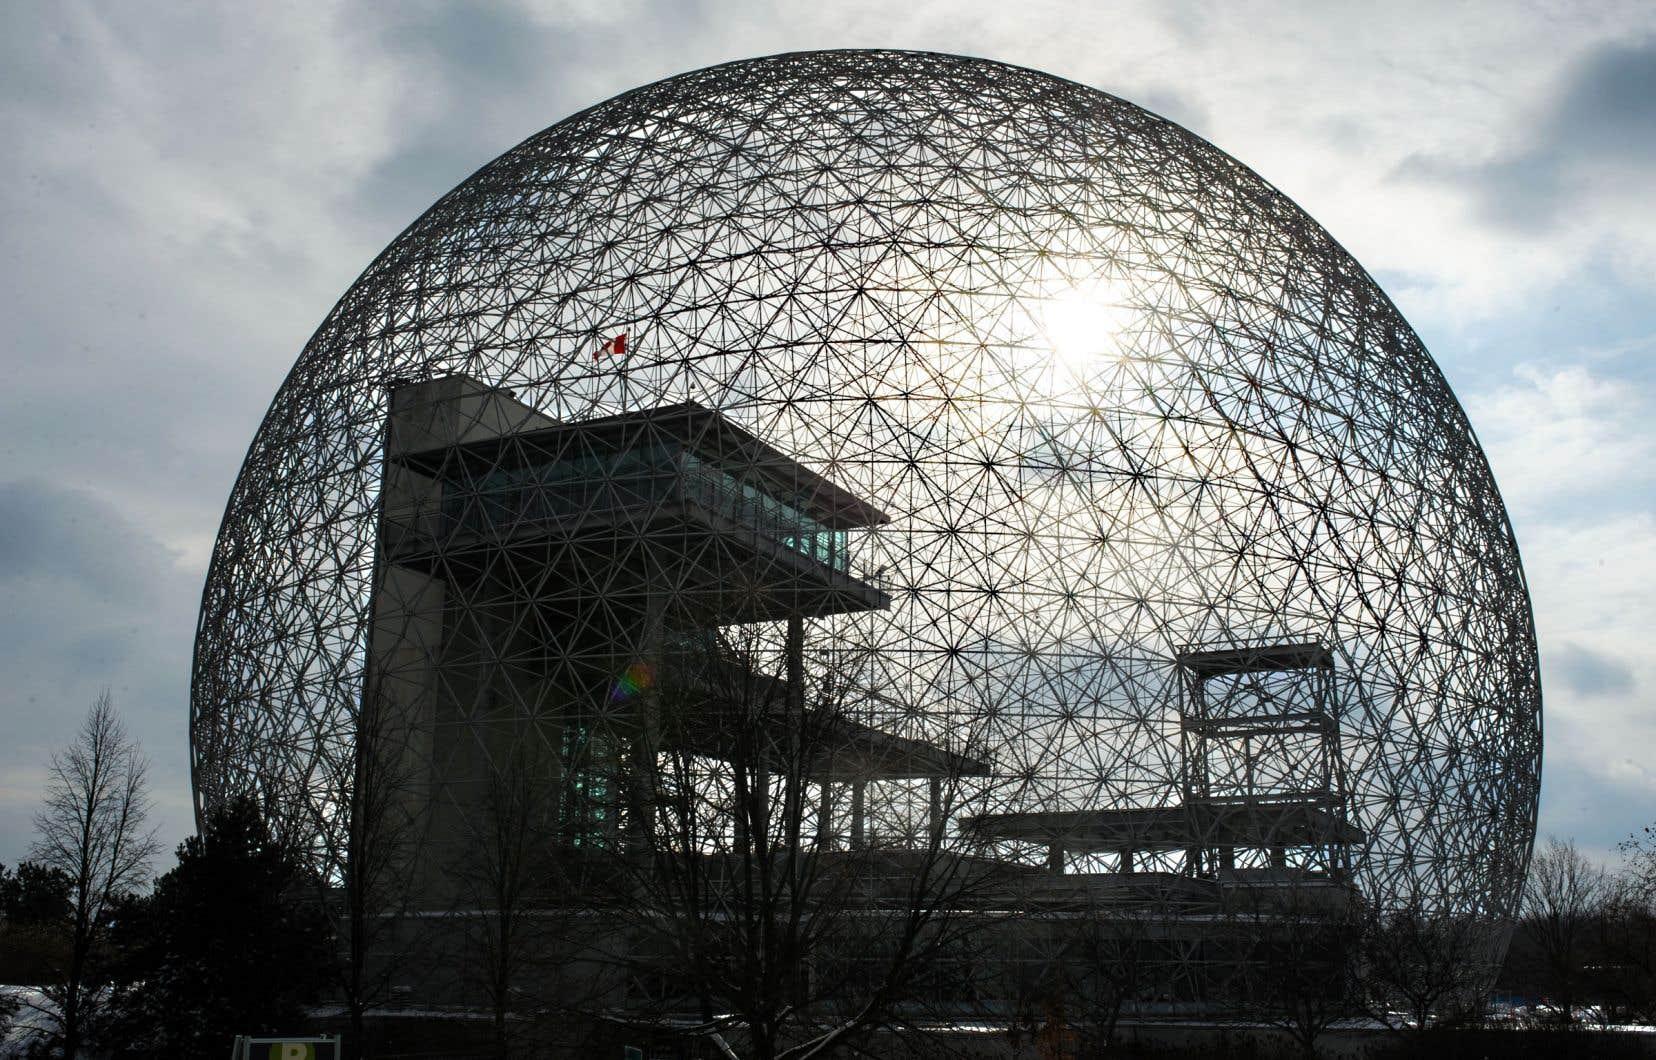 Le dôme géodésique de l'architecte américain Buckminster Fuller, construit par les États-Unis pour l'Exposition universelle de 1967, est sous respirateur artificiel depuis 2013.